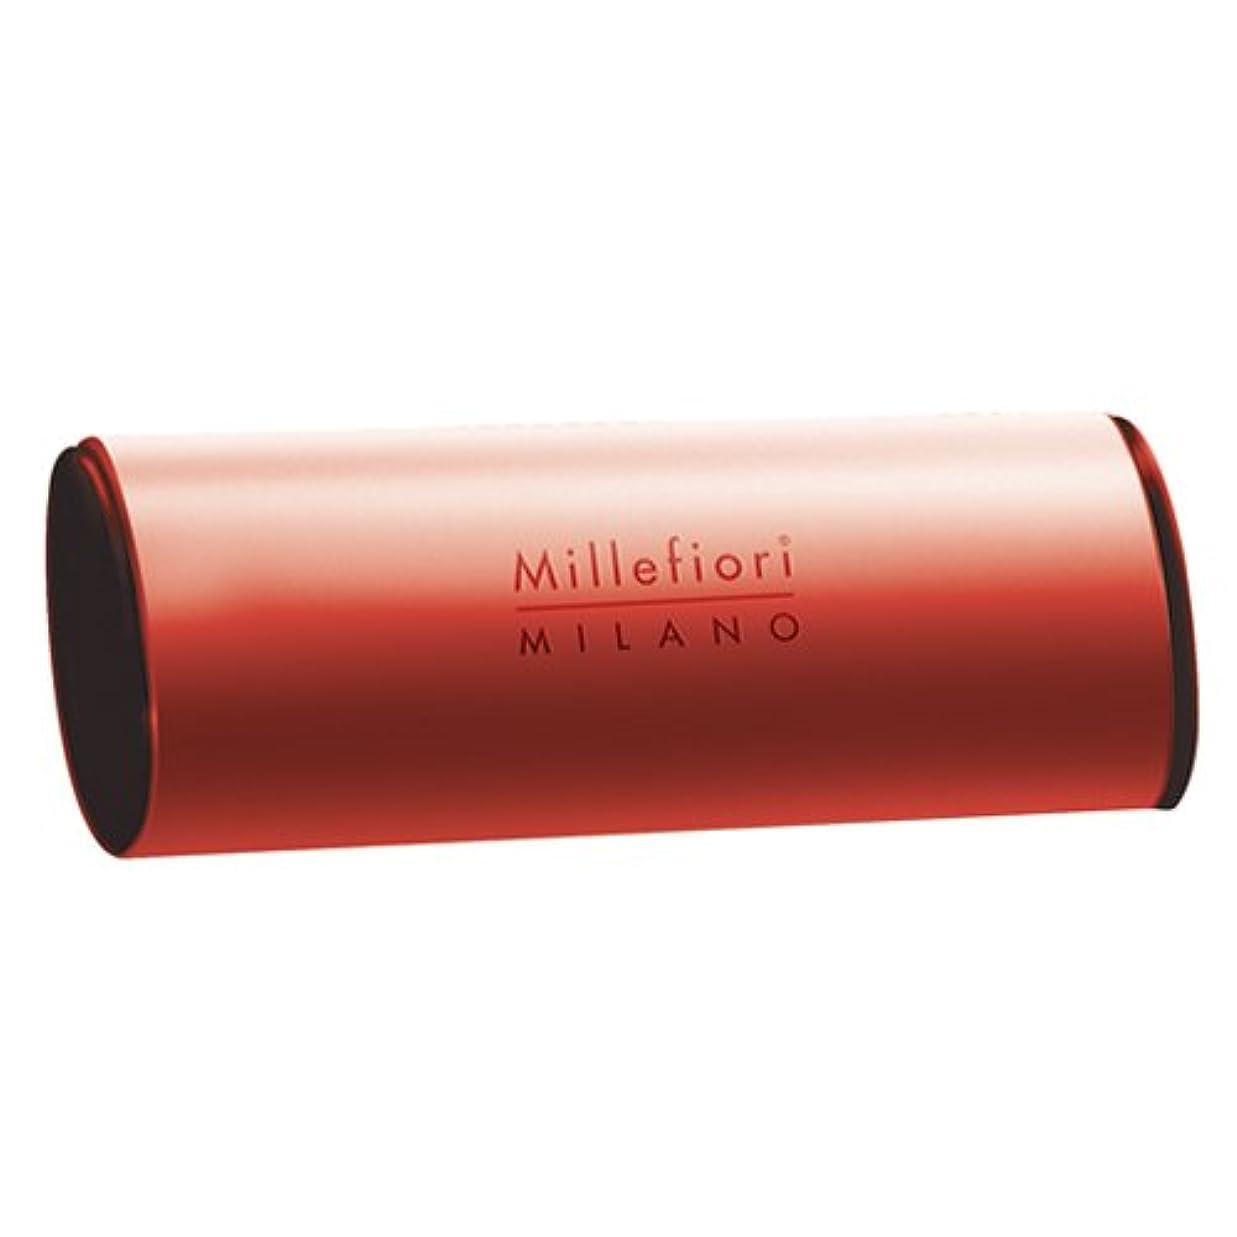 評価する価値のない巻き取りMillefiori カーエアーフレッシュナー レッド アイシングシュガー CDIF-A-002